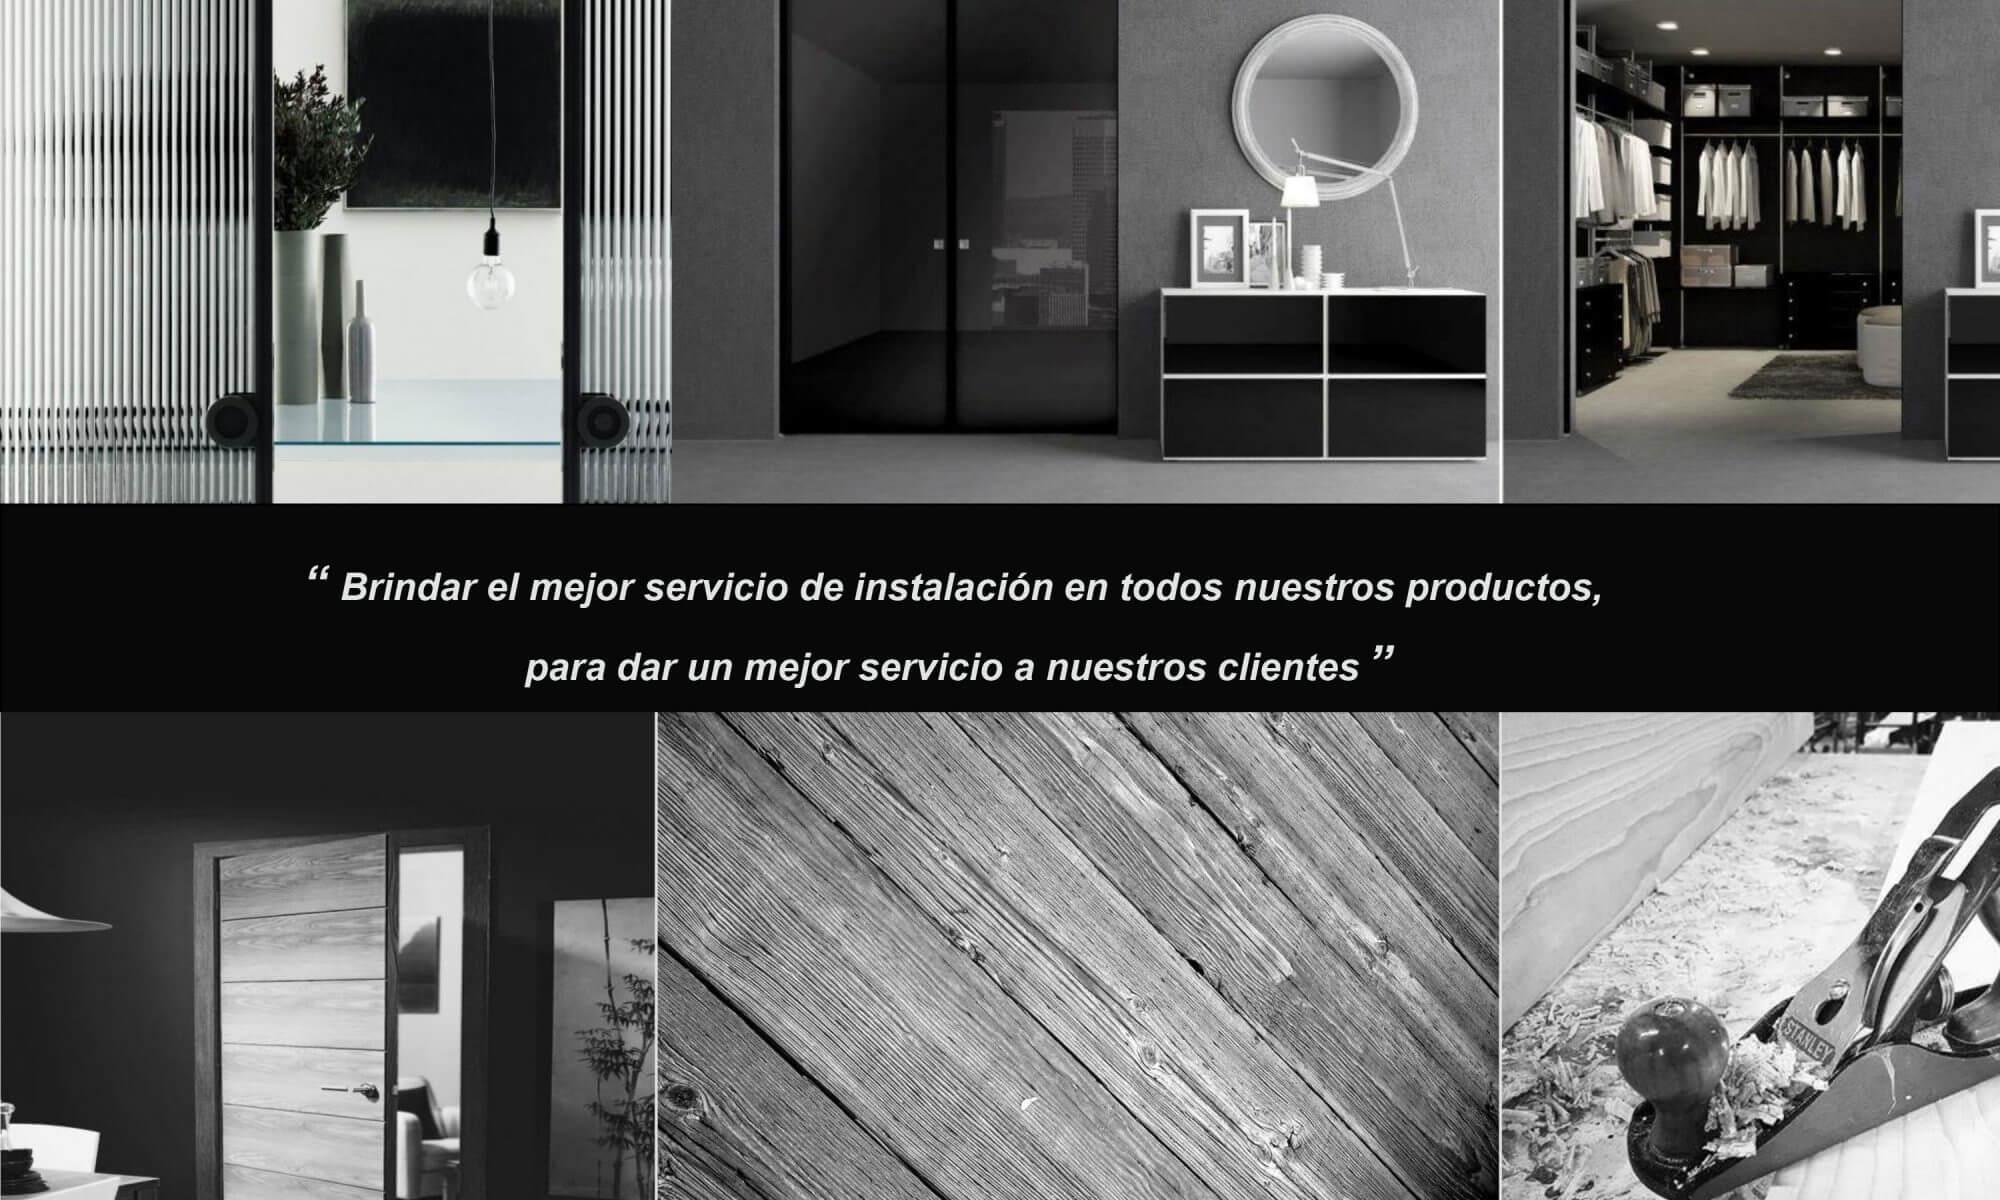 Brindar el mejor servicio de instalación en todos nuestros productos, para dar un mejor servicio a nuestros clientes.